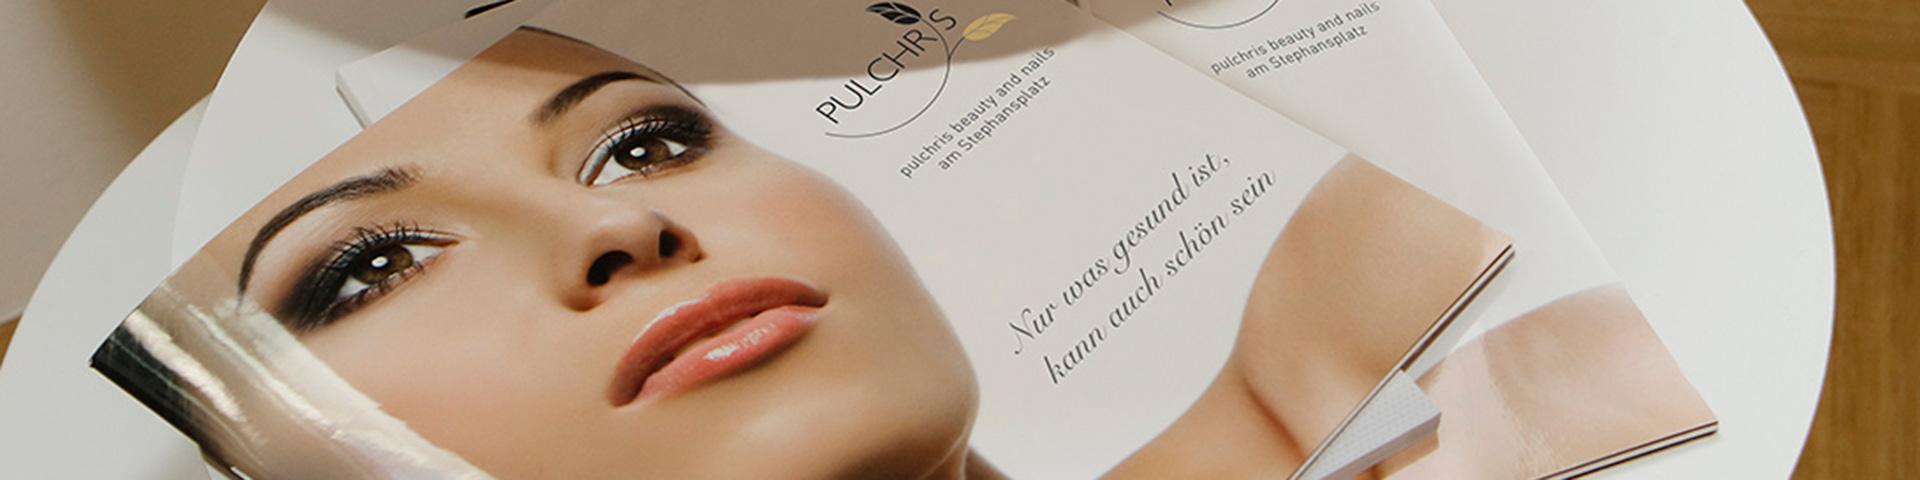 Beautysalon Pulchris Lienz Folder